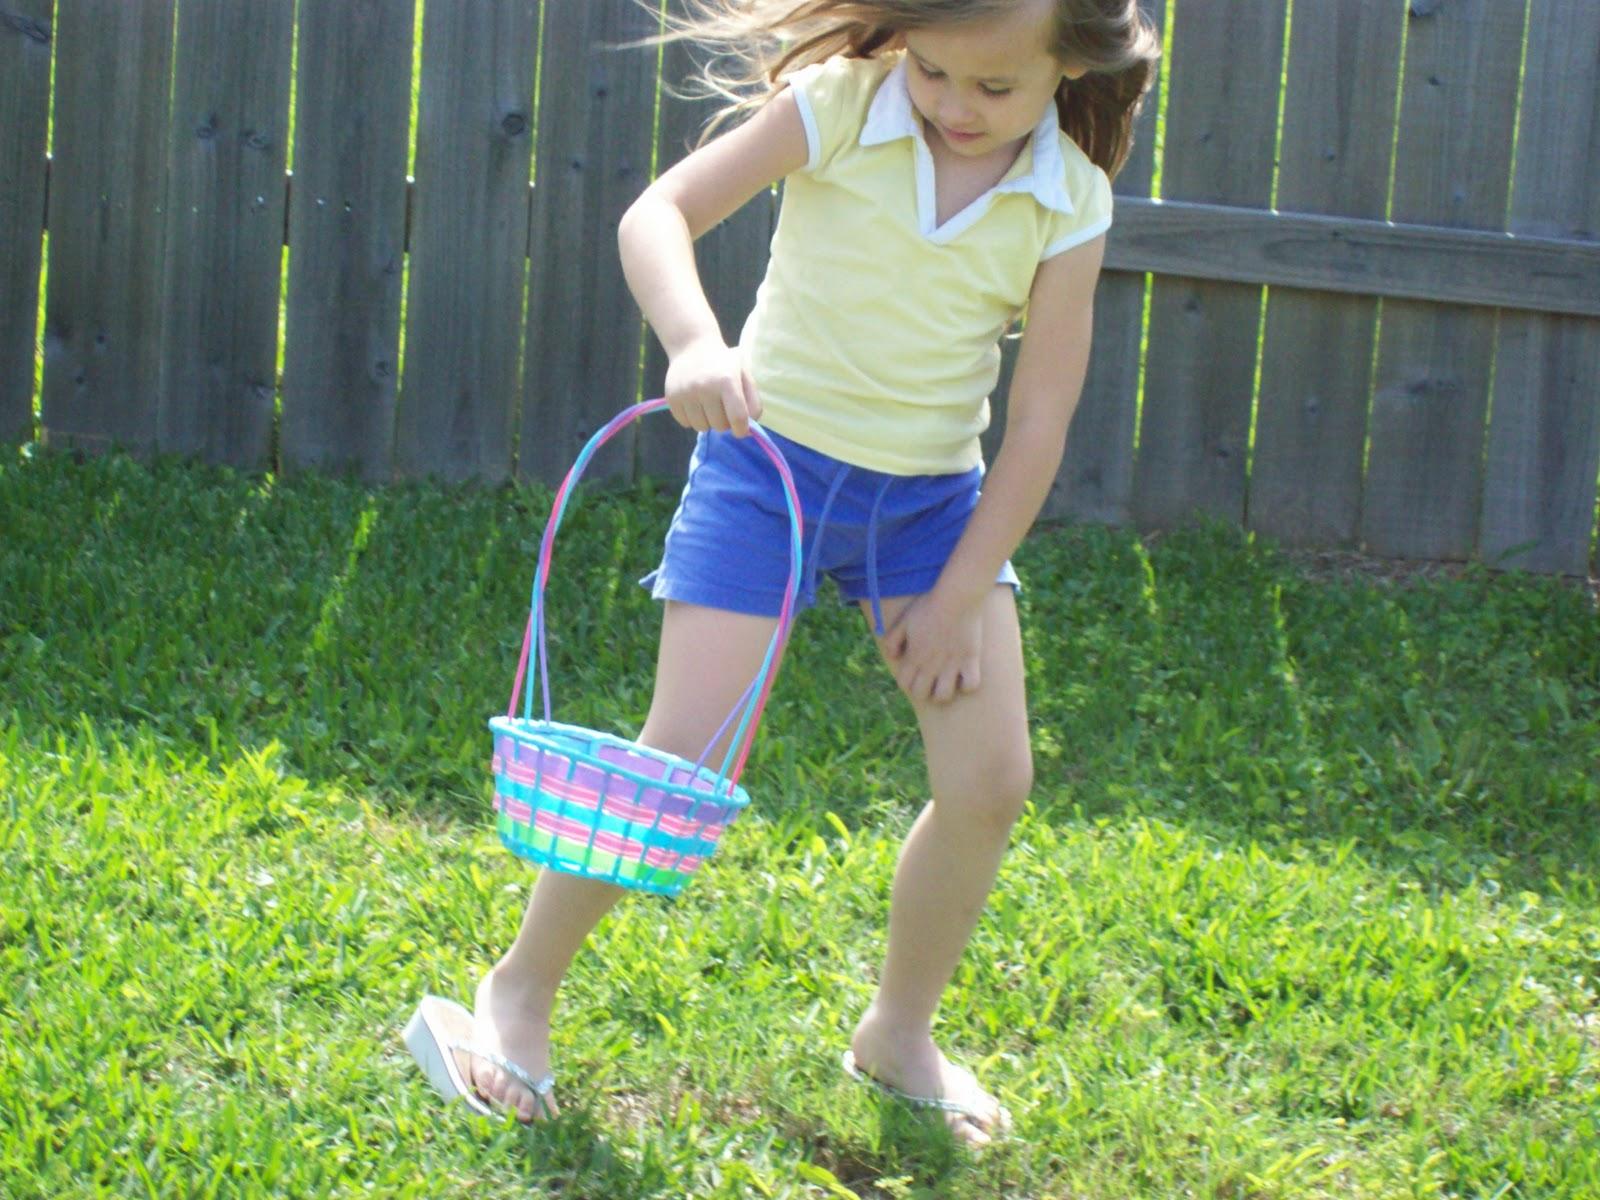 Easter Egg Hunting - 101_2226.JPG